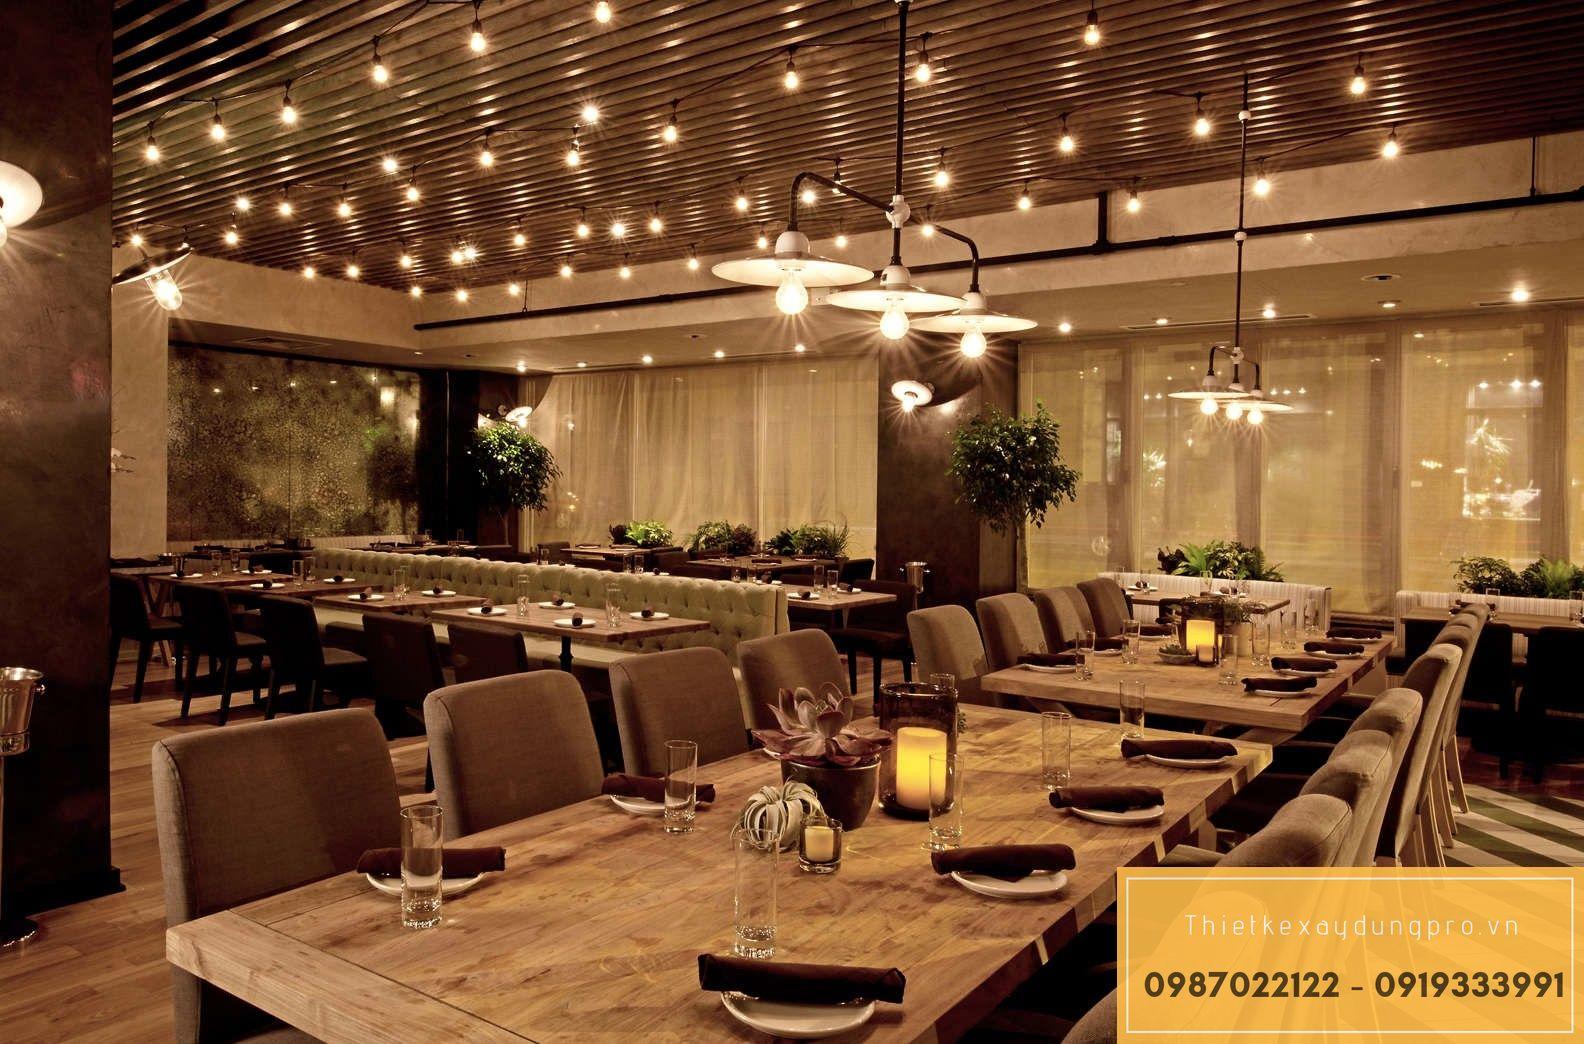 thiết kế nhà hàng tại Bắc giang